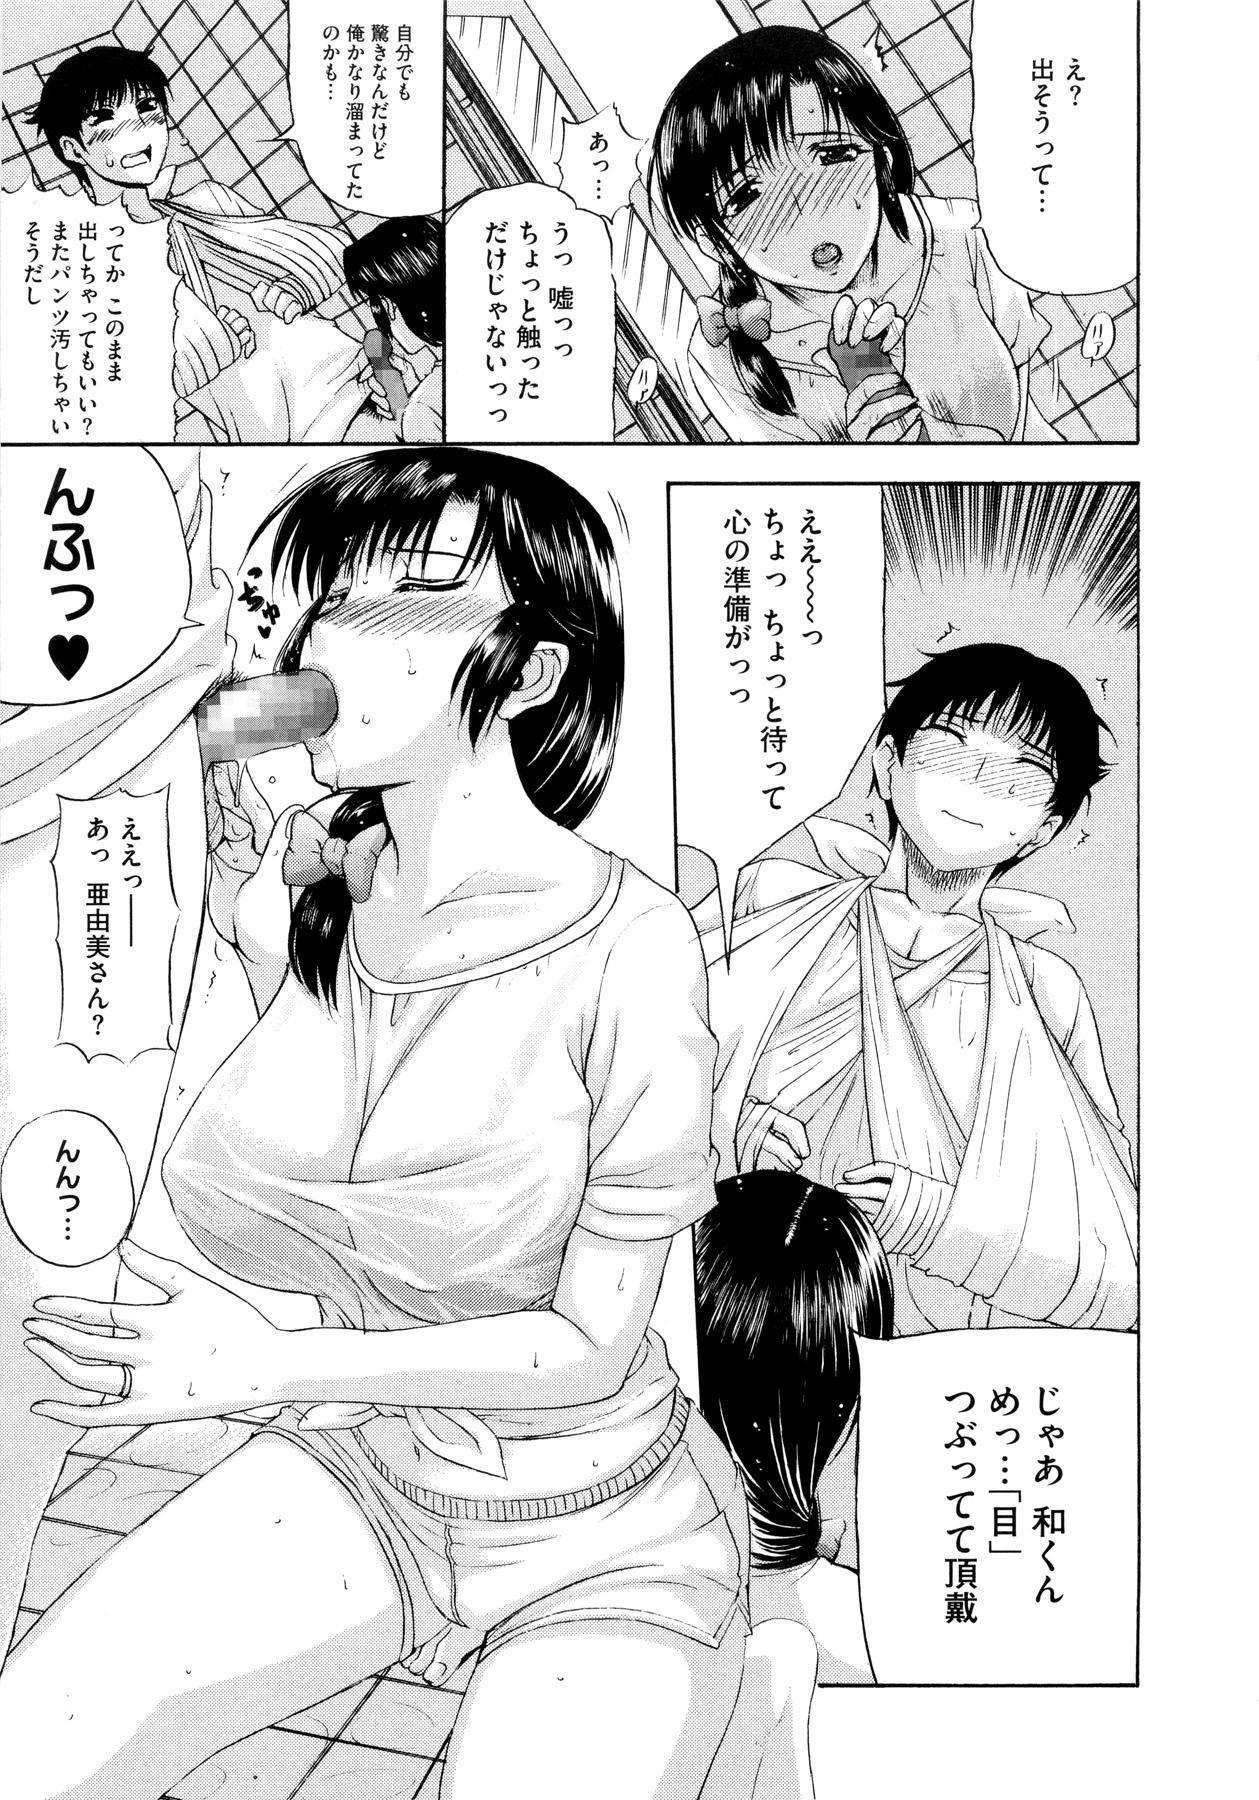 Sonotoki, Kanojo wa... 136